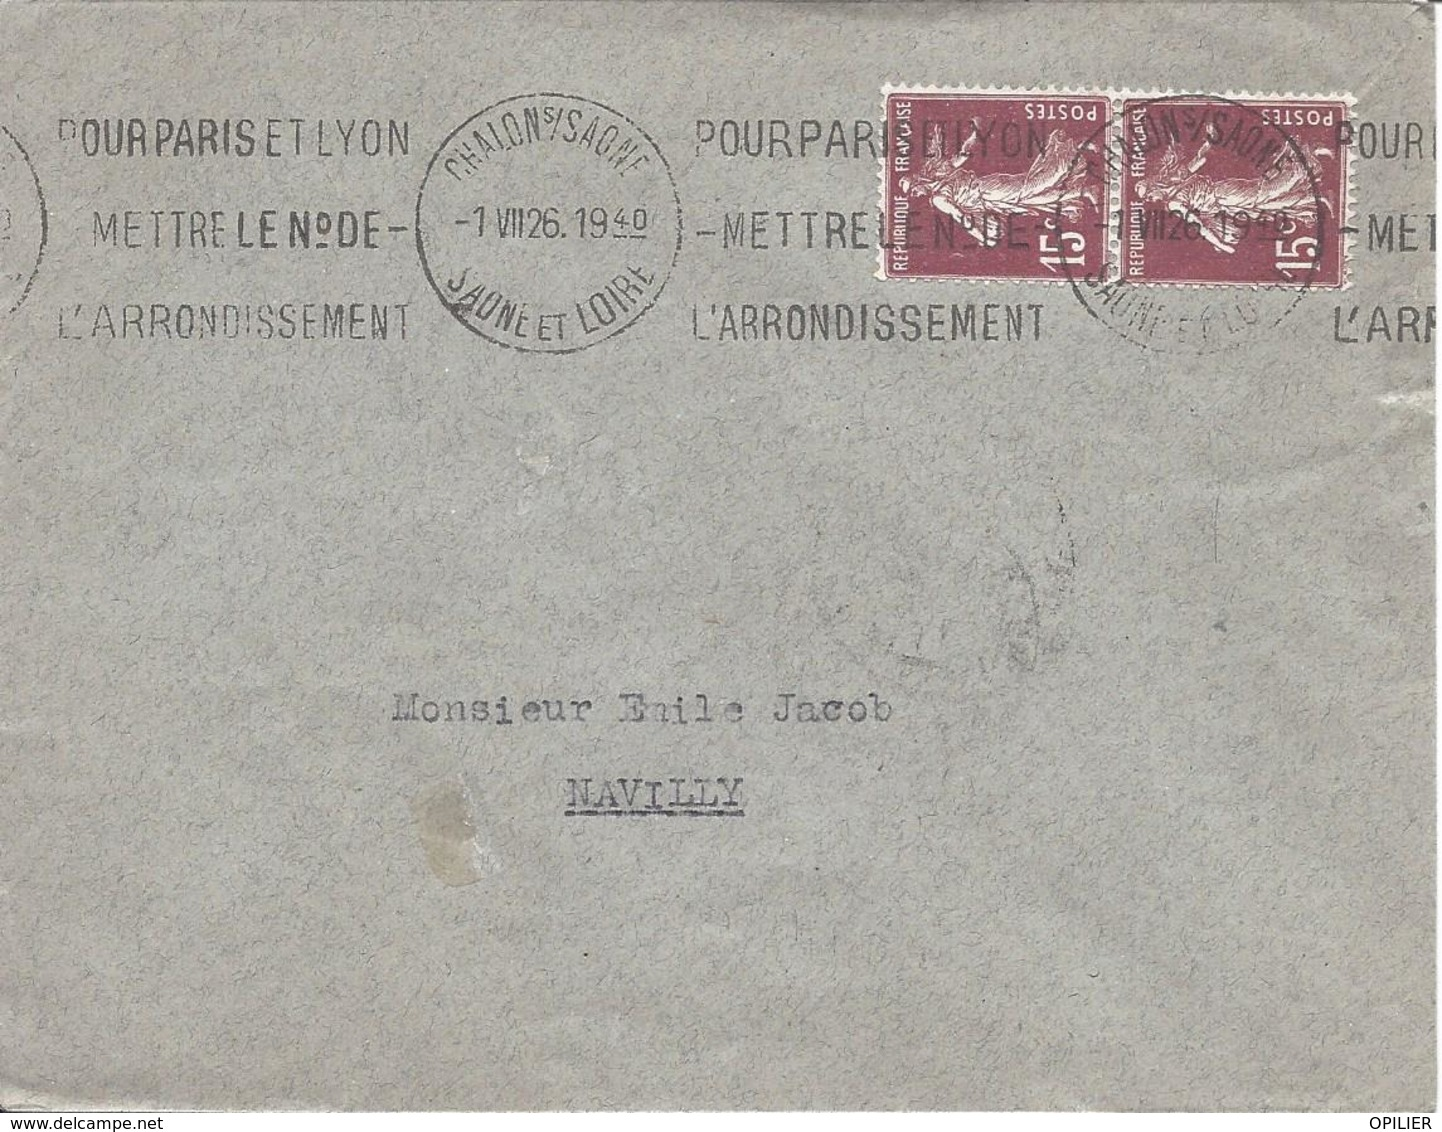 15c Brun-lilas N° 189 Paire Tarif 30c Krag CHALON SUR SAONE Pour Paris Mettre Le N° De L'arrondissement 1 7 1926 - 1906-38 Semeuse Camée